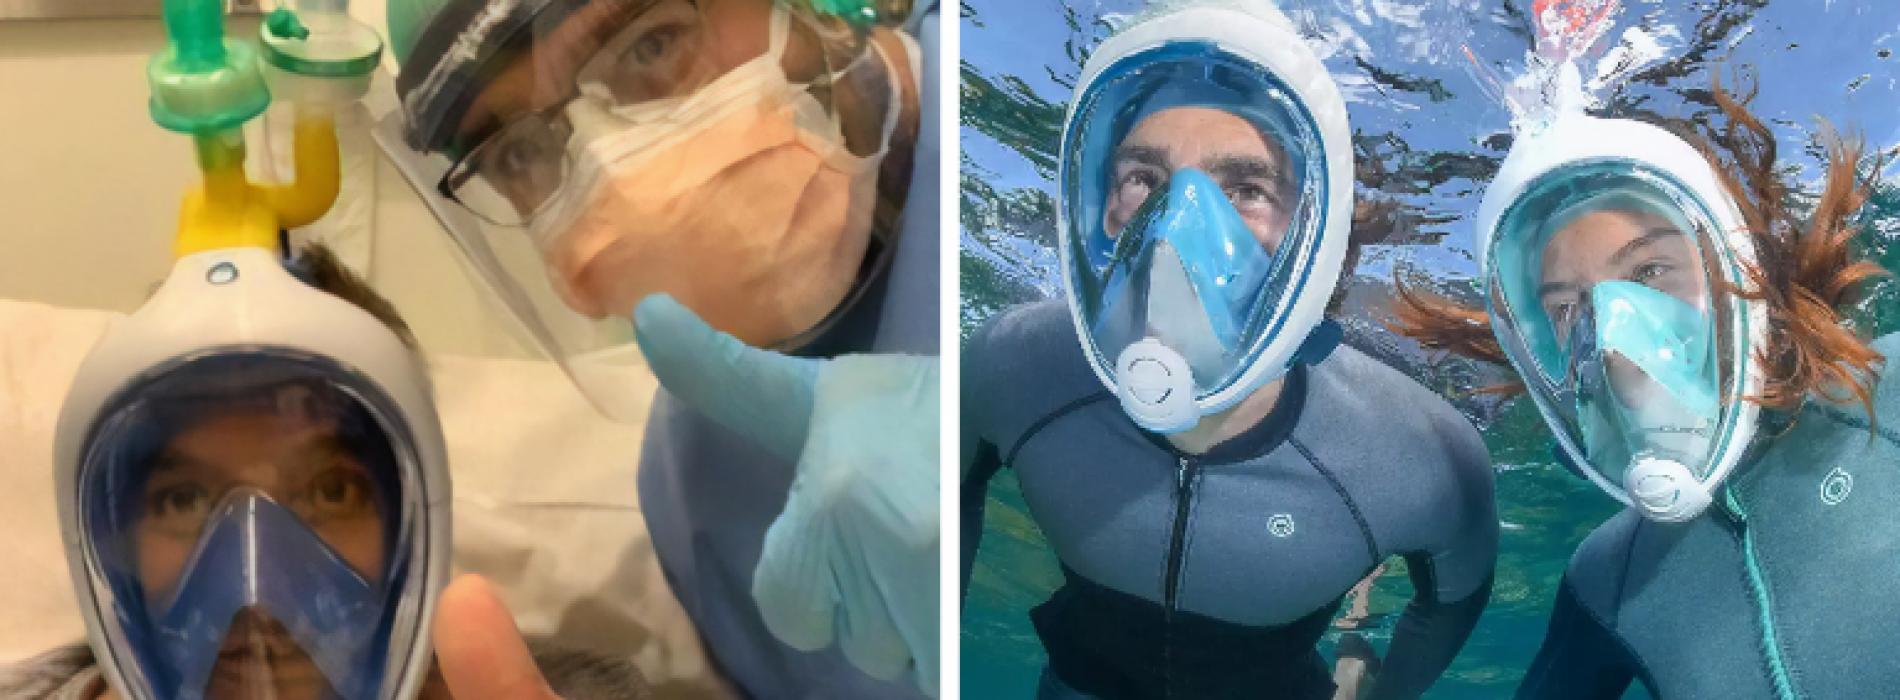 Ingenieurs maken ventilatoren van snorkelmaskers om het coronavirus te bestrijden